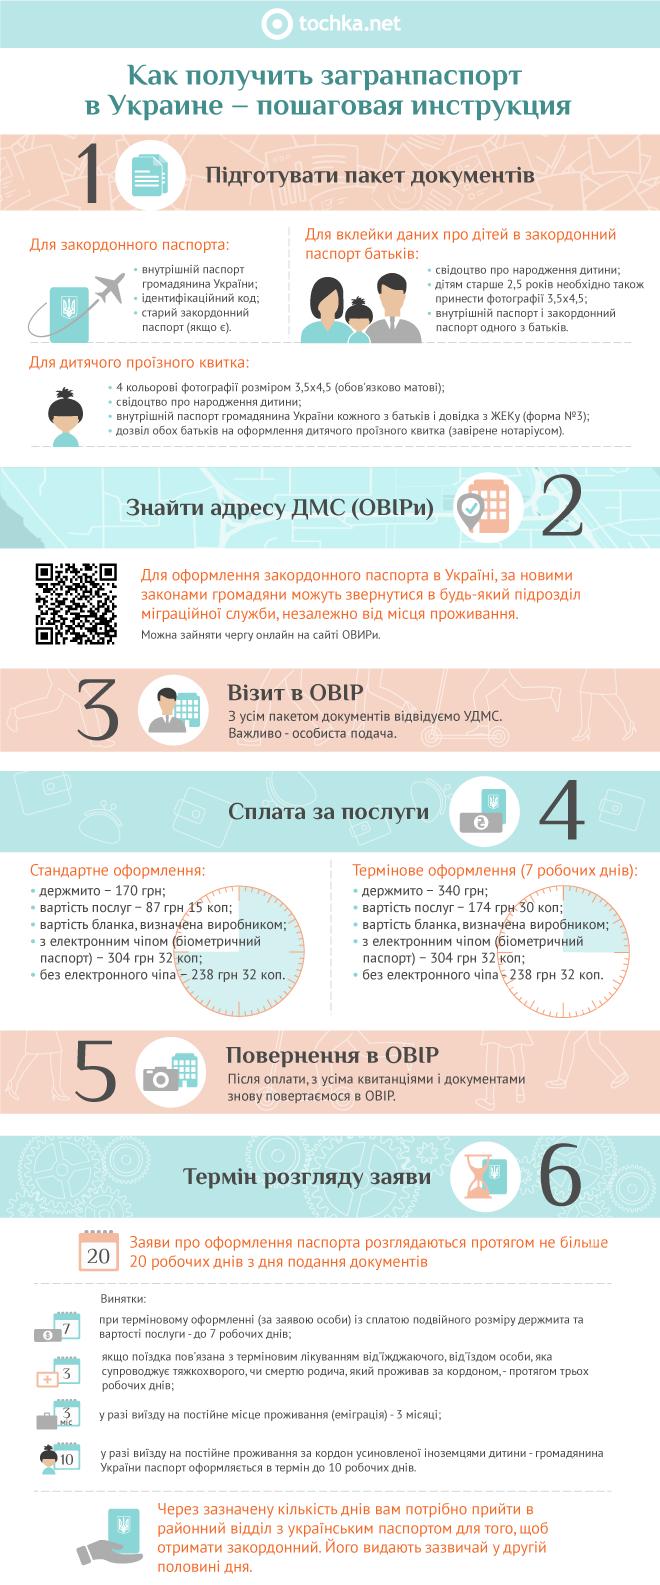 Як отримати закордонний паспорт в Україні − покрокова інструкція